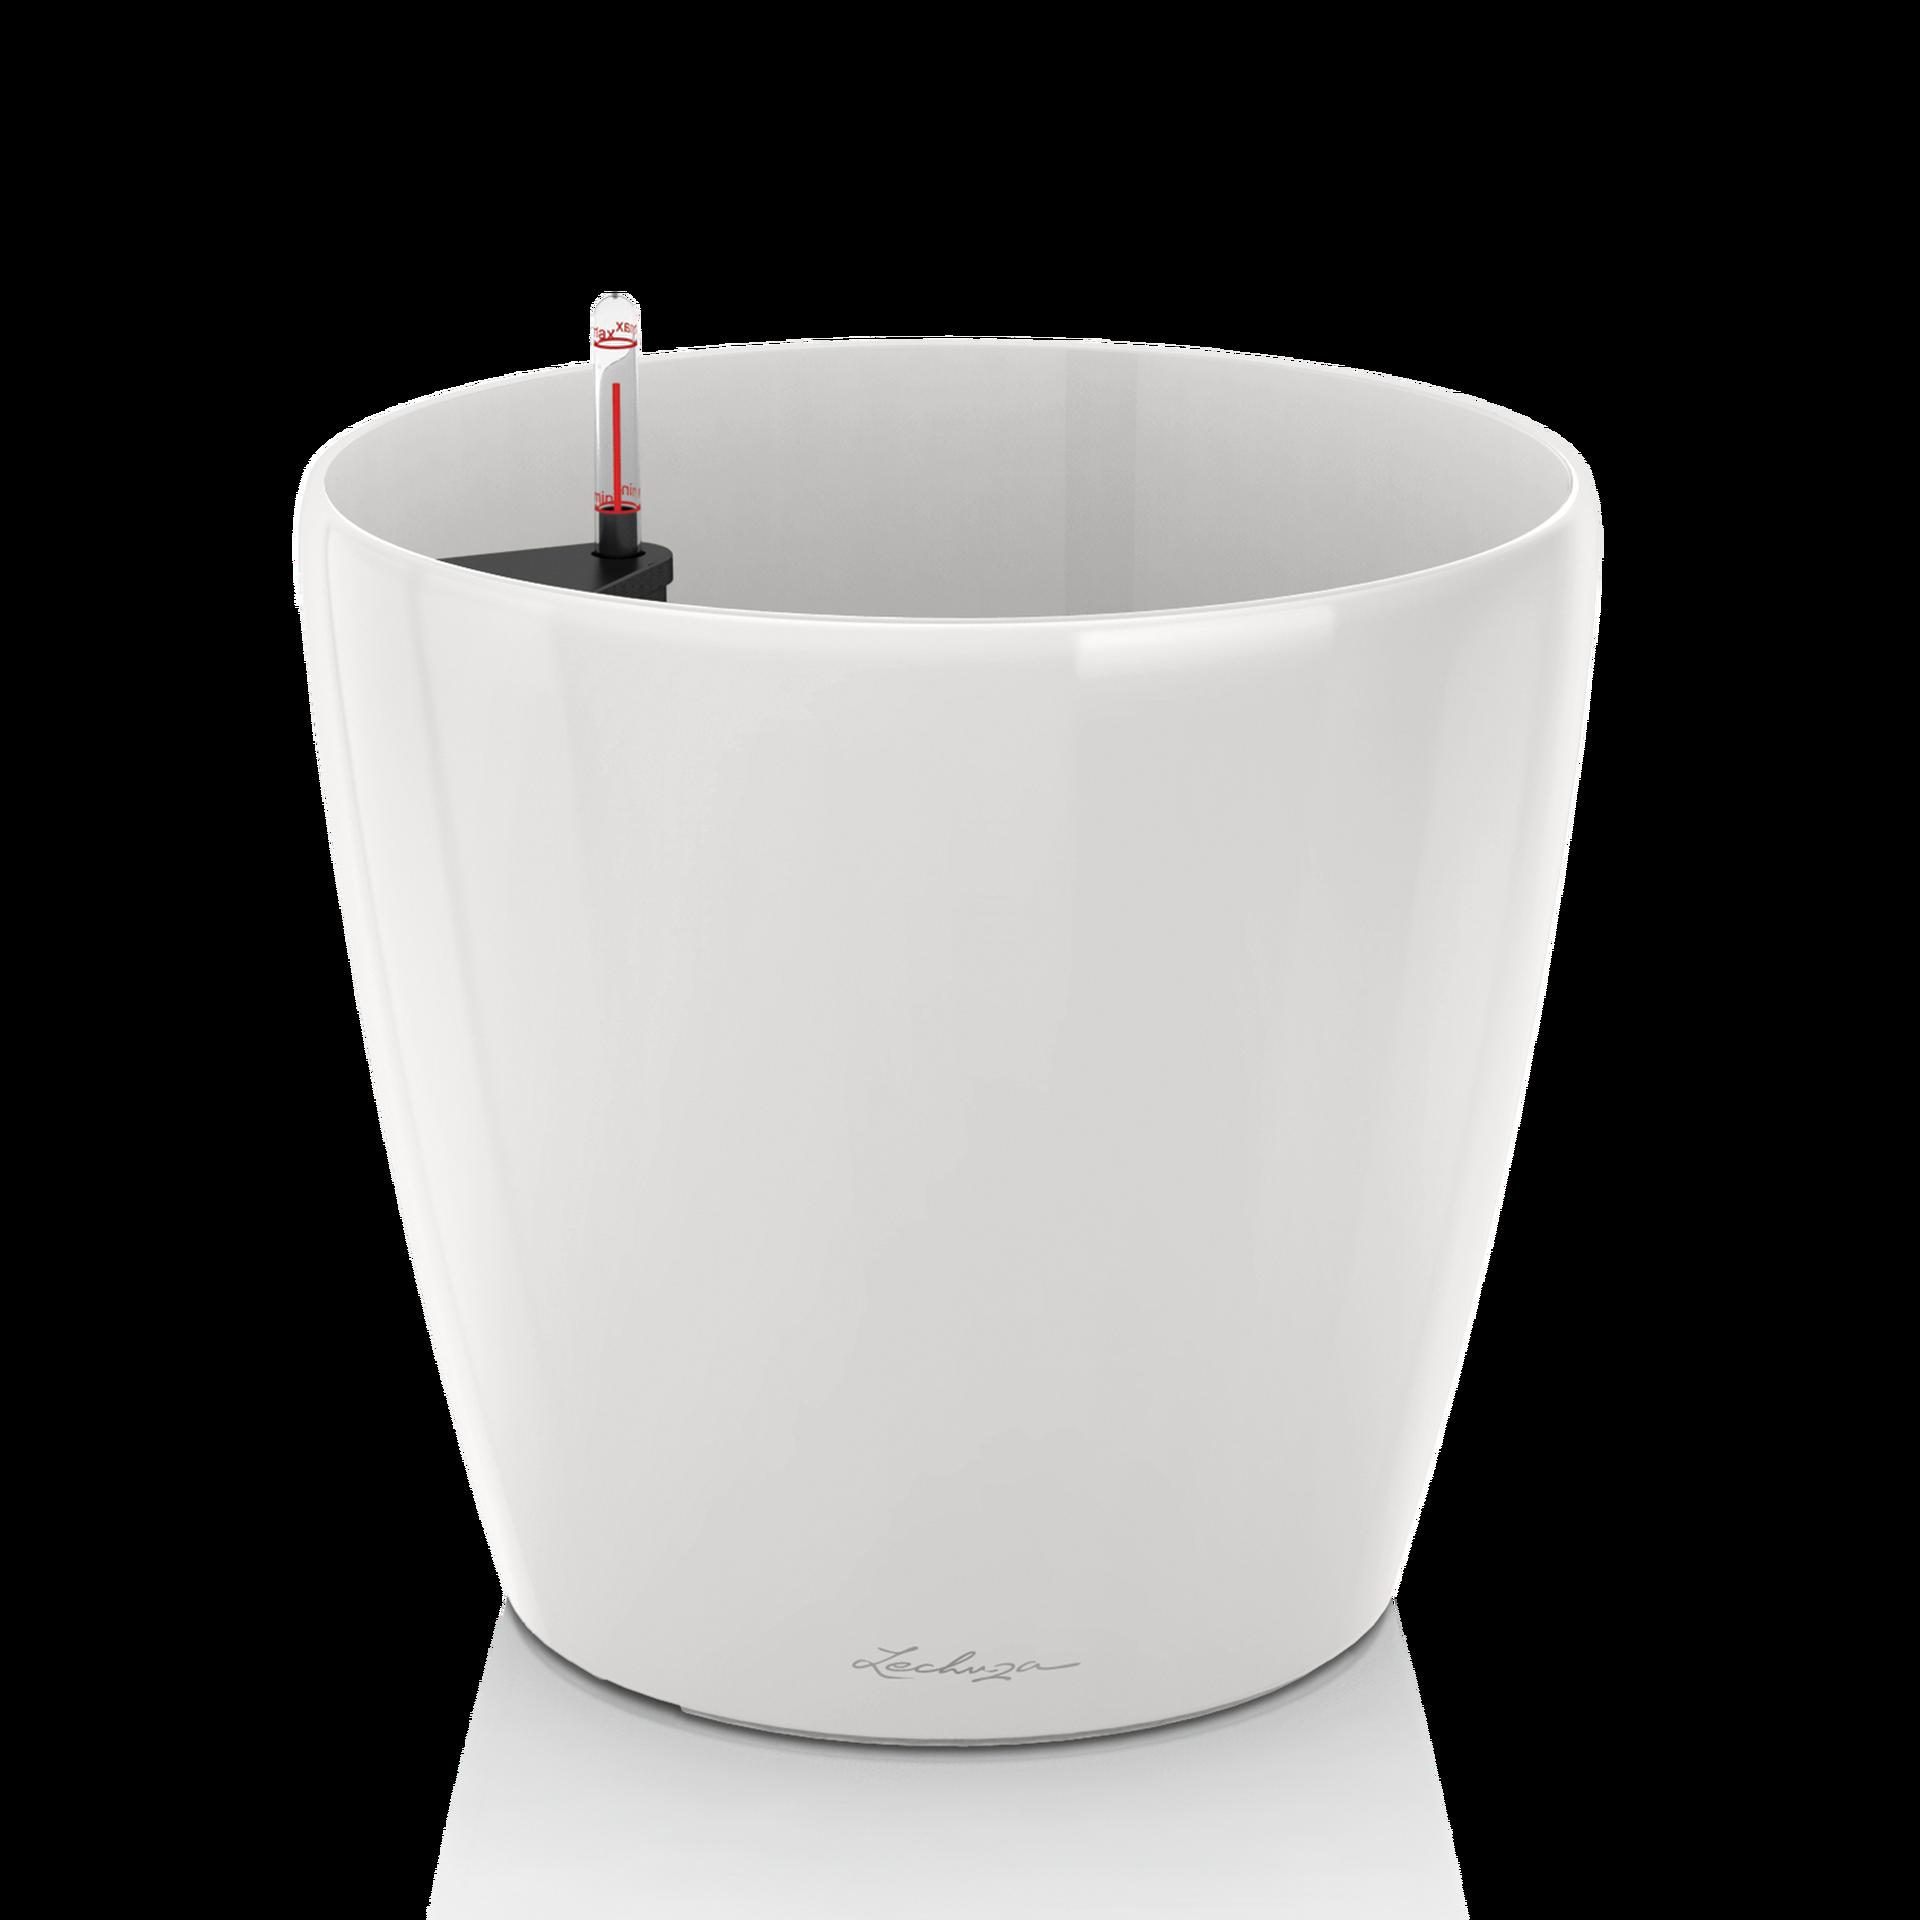 CLASSICO 60 bianco lucido